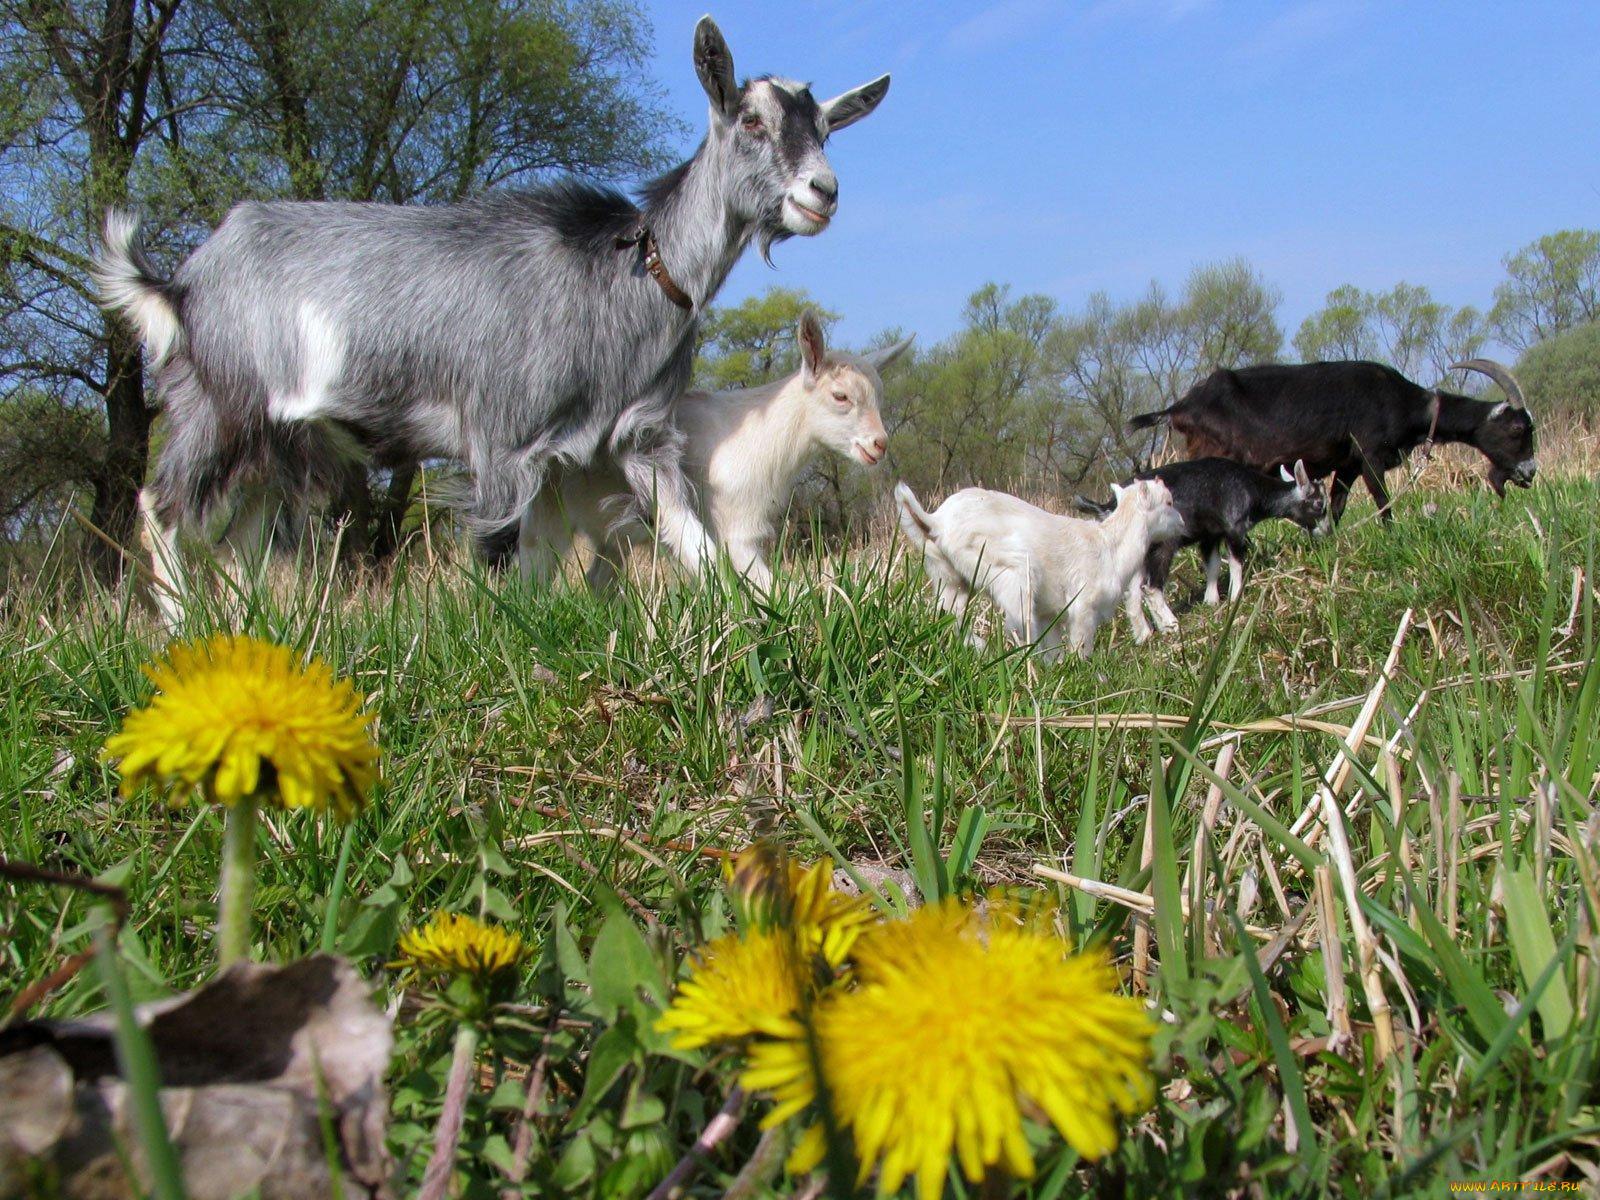 всего, коза с козлятами веретенникова картинки подруга дорогая, спешу